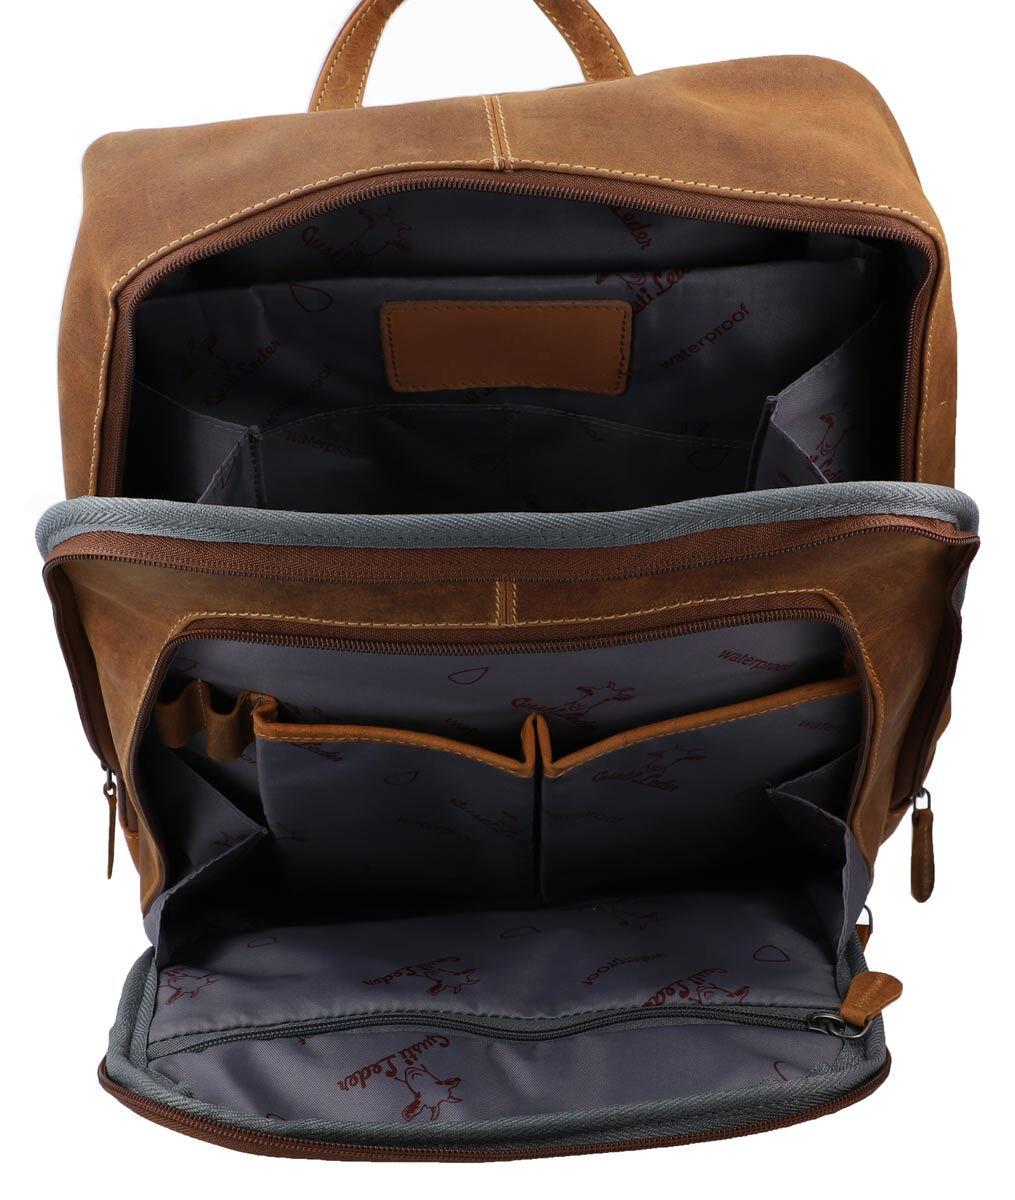 Outlet Rucksack – kleinere Lederfehler – kleine Farbunterschiede im Leder – ansonsten neu – Siehe Vi